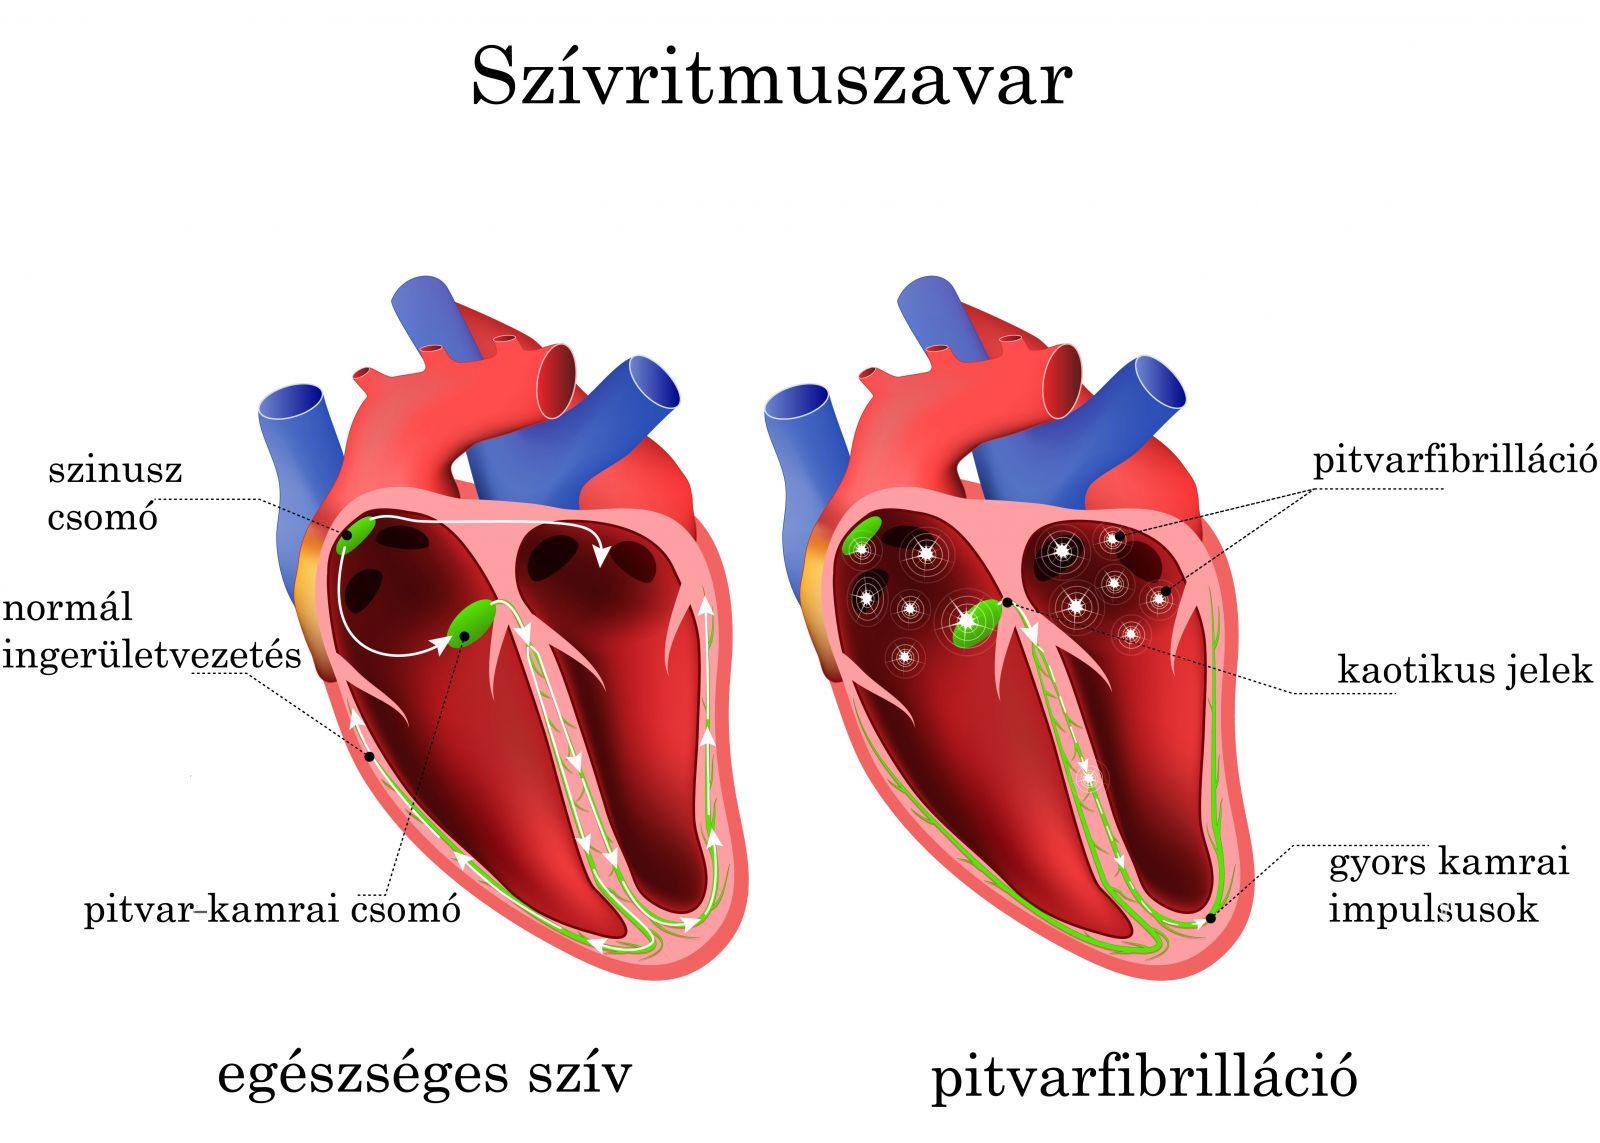 az aritmia és a magas vérnyomás jelei aki népi gyógymódokkal gyógyította a magas vérnyomást